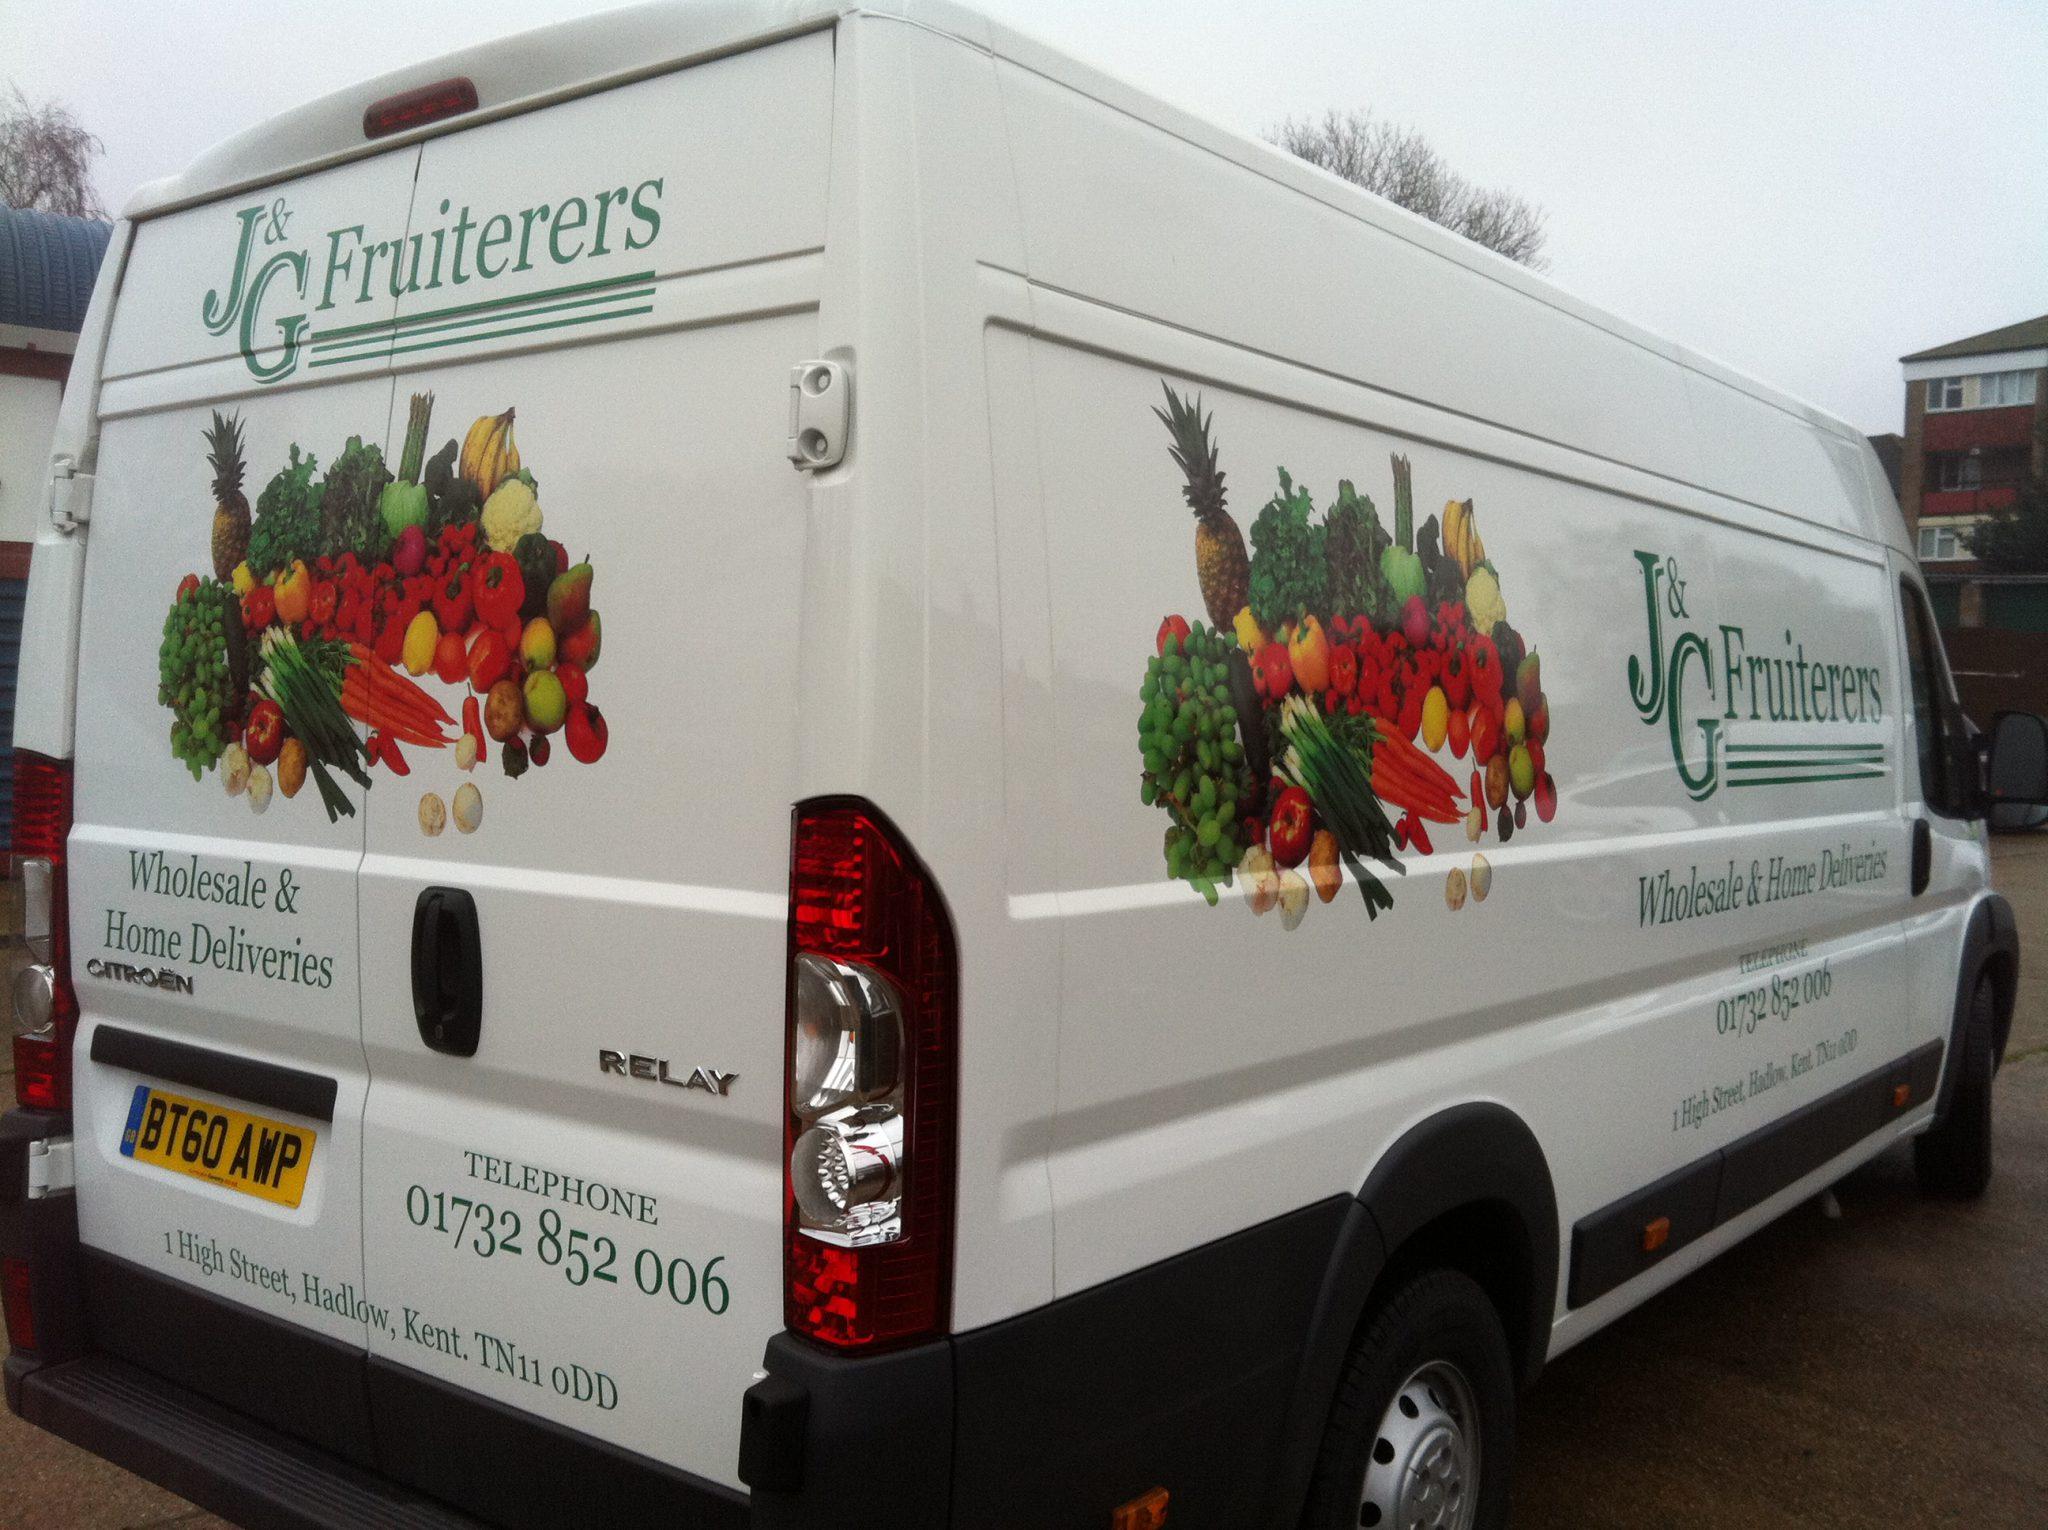 JG Fruitiers